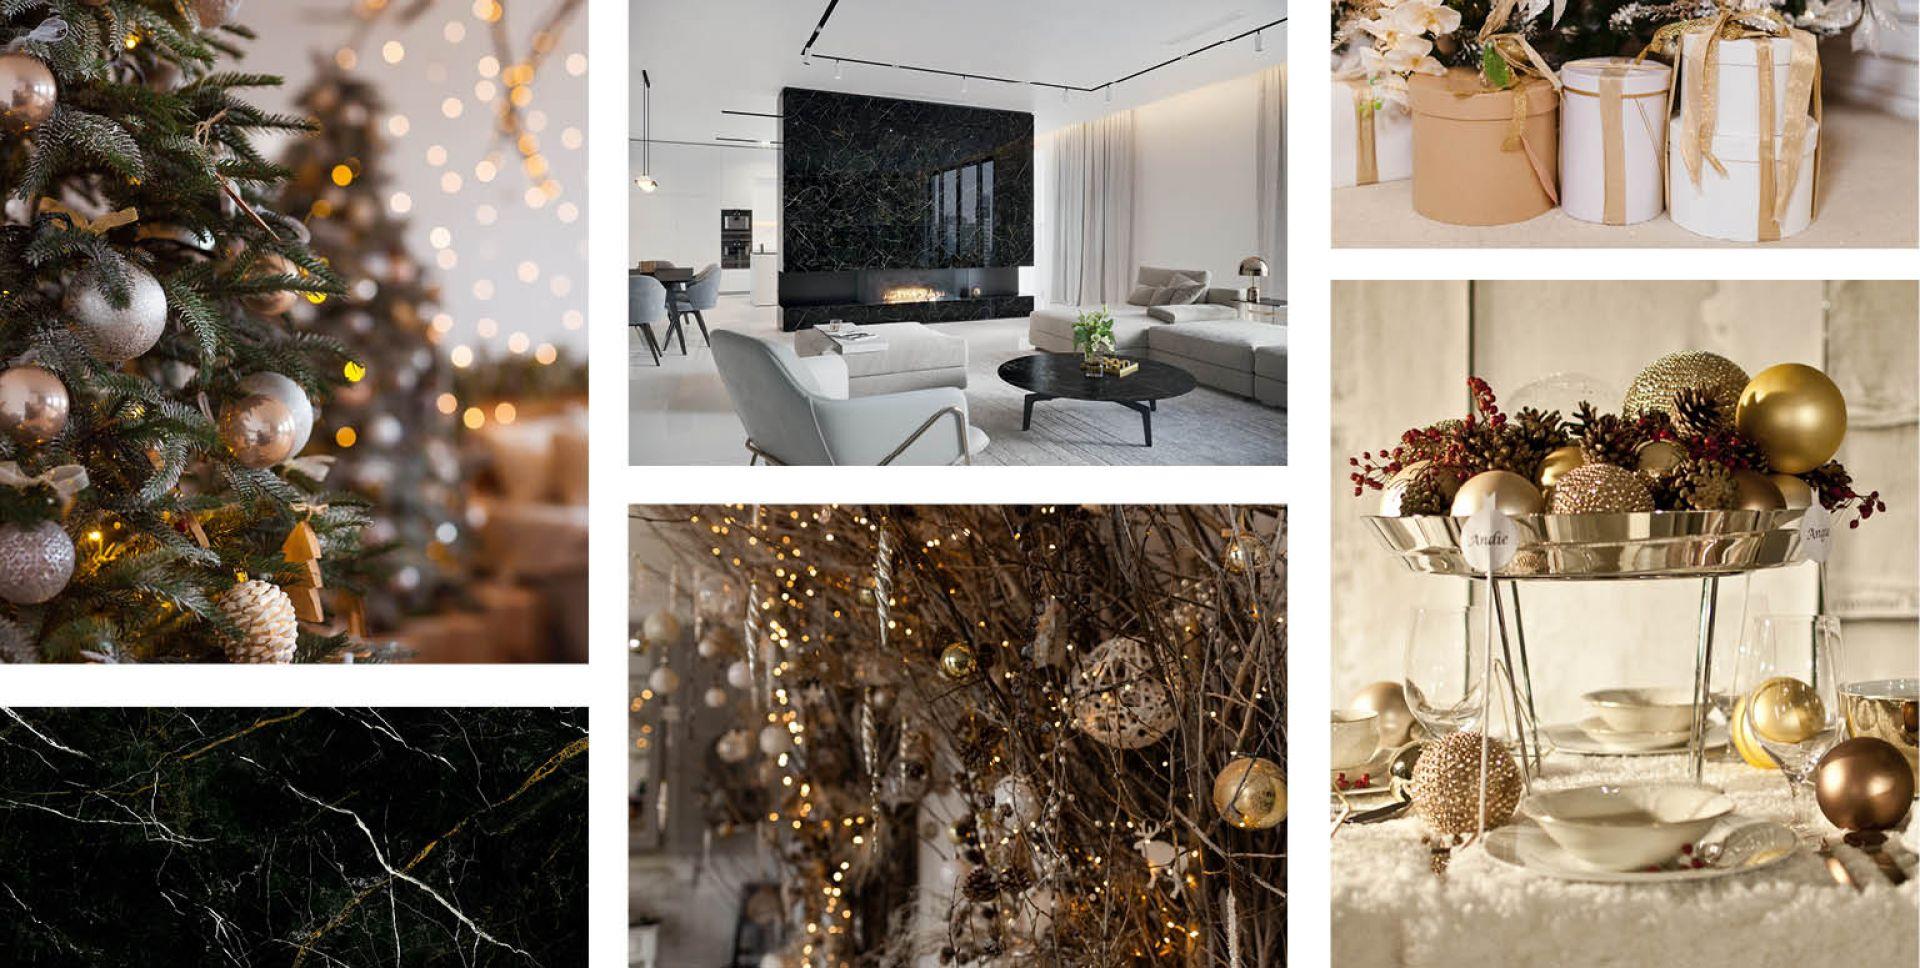 Świąteczne dekoracje dopasowane do wnętrza? Trend: Ciepło domowego ogniska. Fot. Opoczno